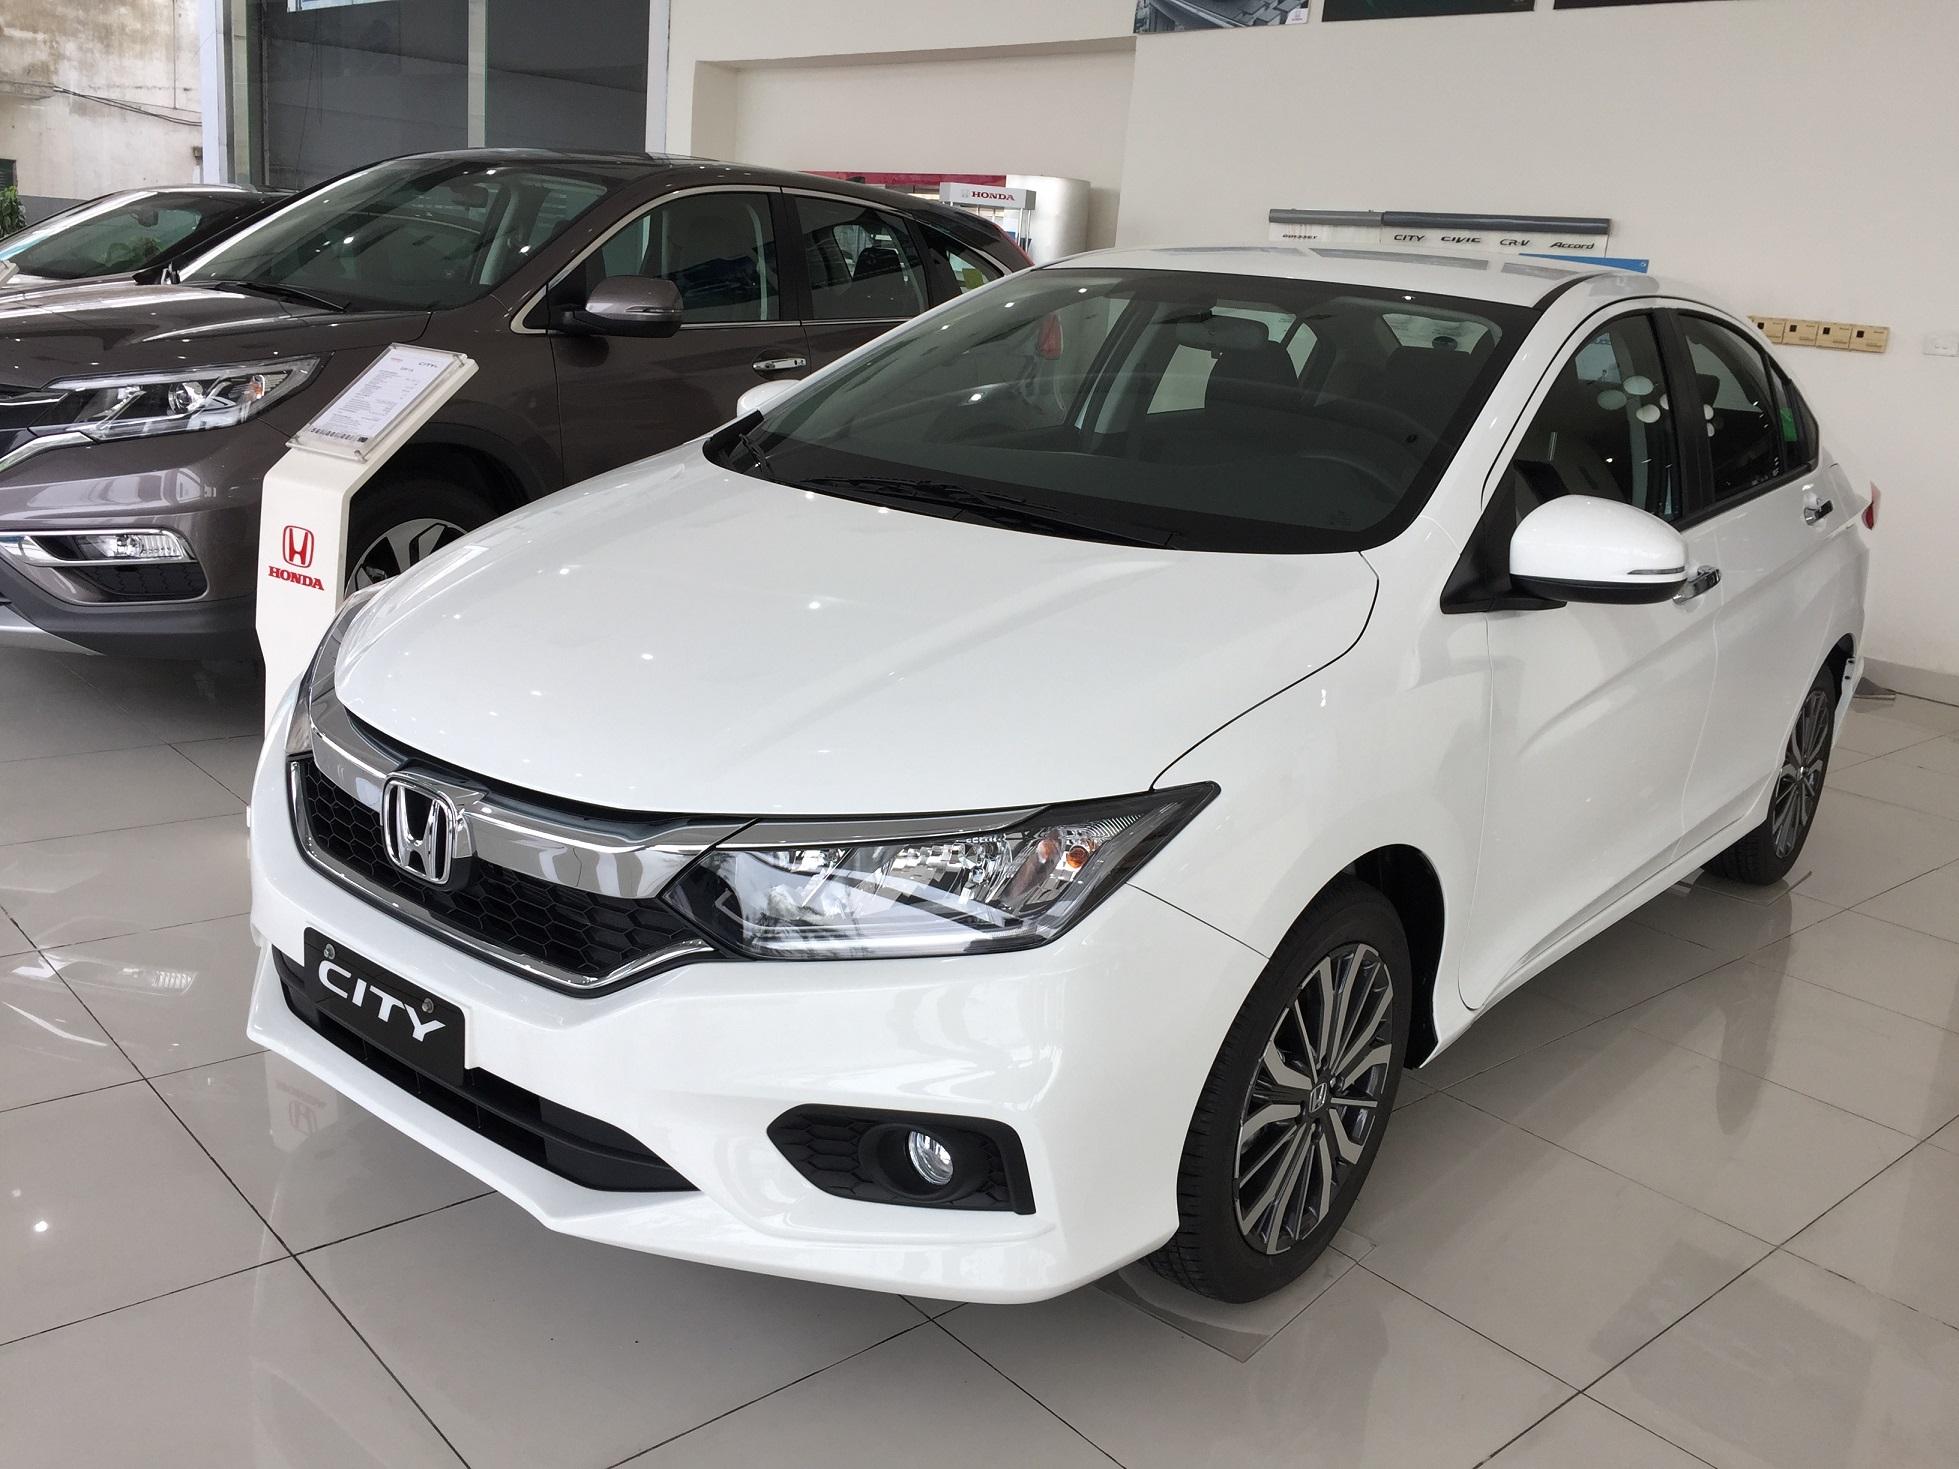 Honda City TOP 2019 là mẫu xe sedan hạng B duy nhất lọt vào nhóm xe 5 chỗ tầm 600 triệu mới